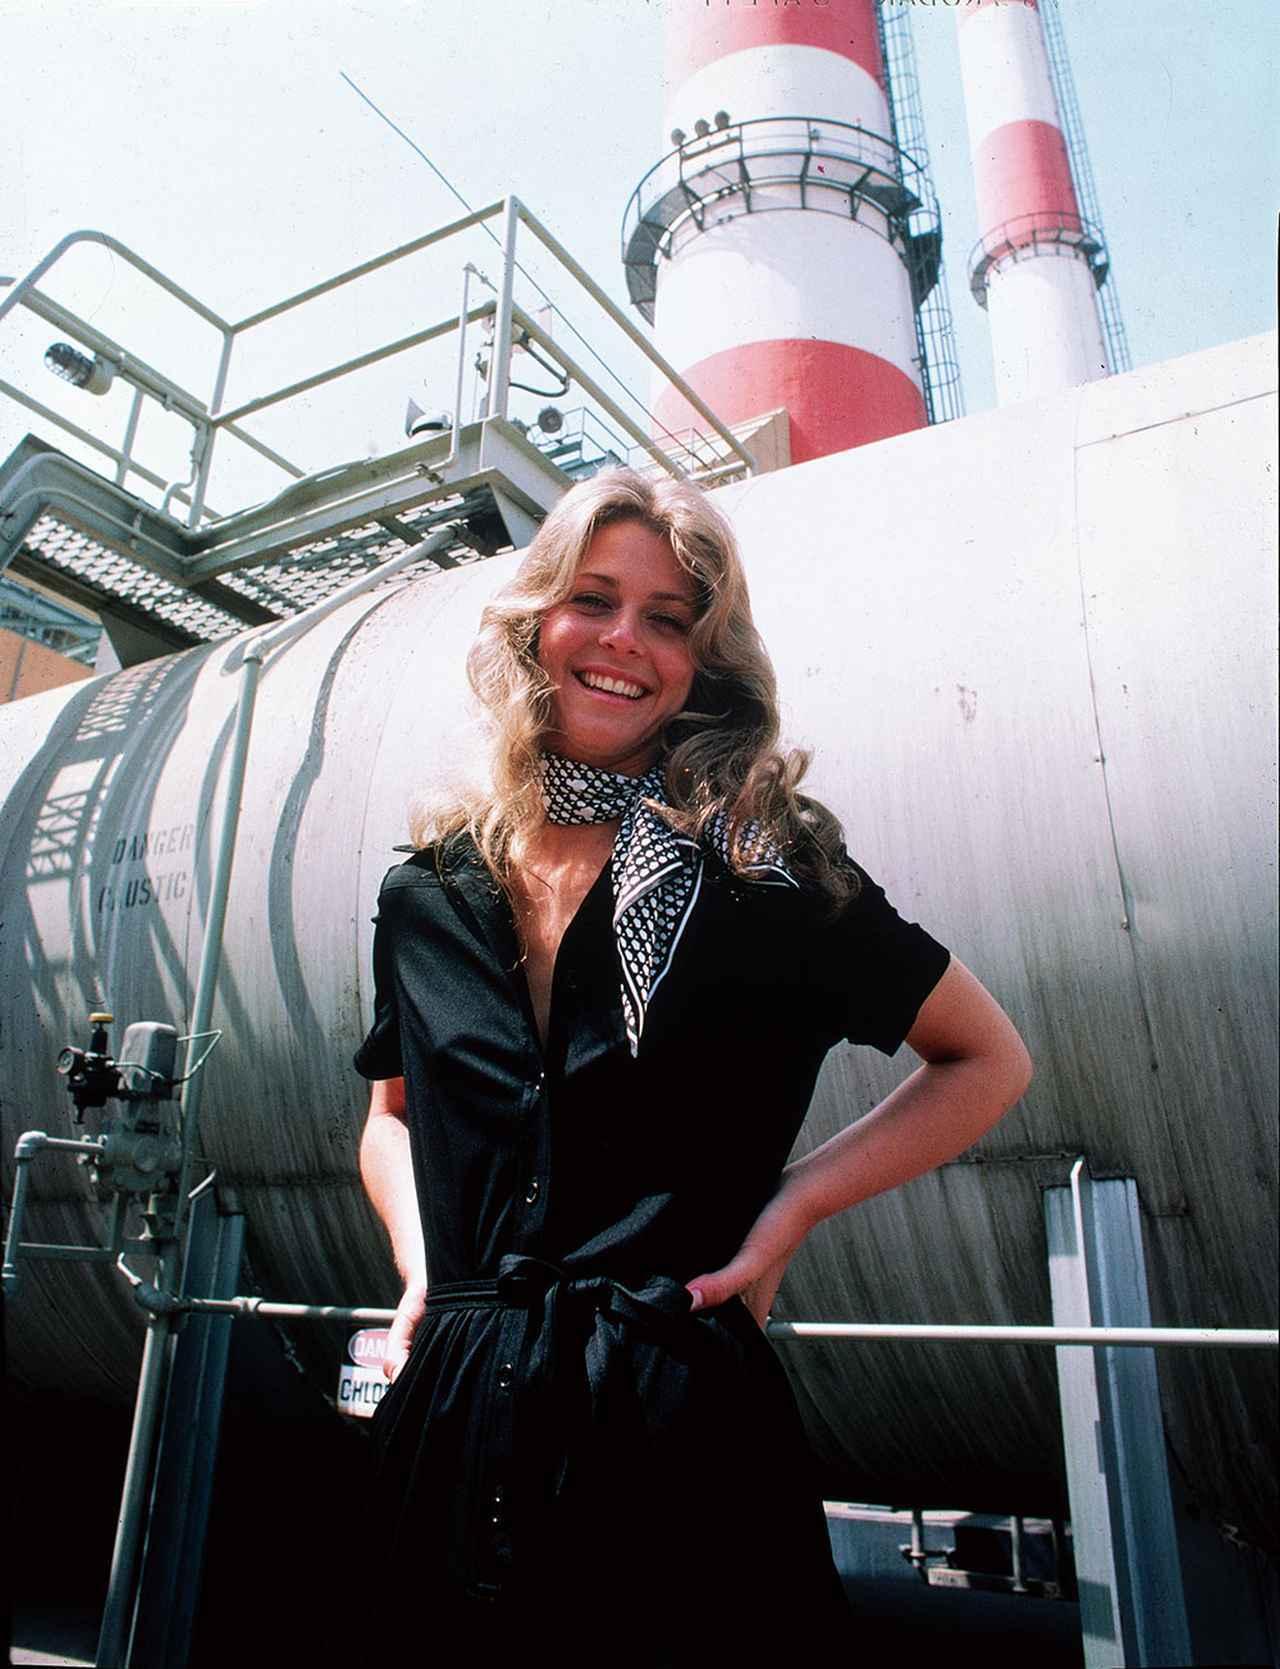 画像: TVシリーズ『バイオニック・ジェミー』はお茶の間で大人気を呼んだ © 1975 Universal City Studios LLC. All Rights Reserved.